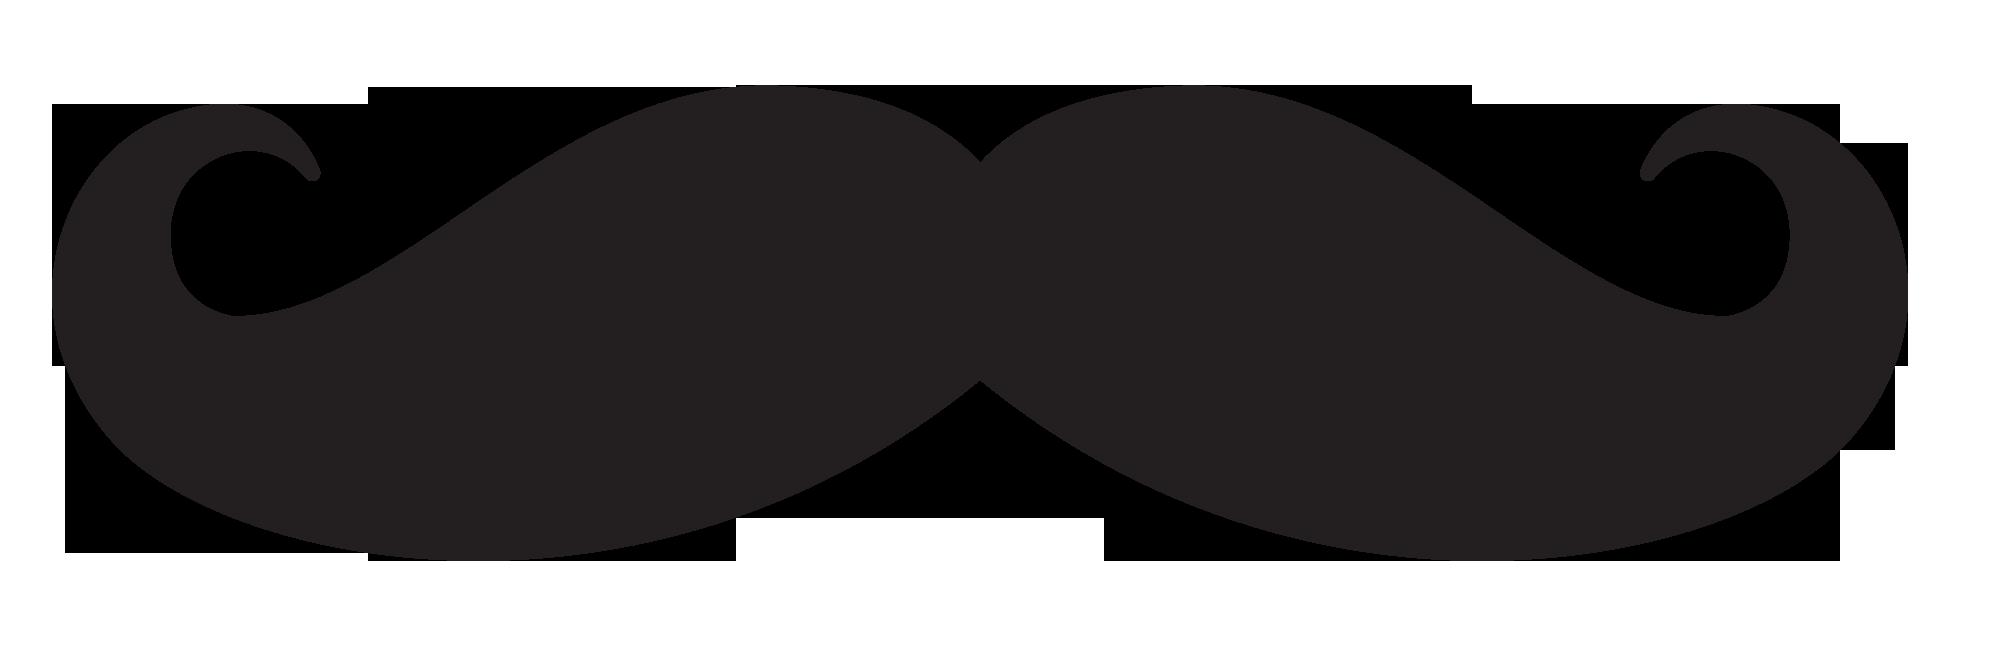 Moustache Clipart-moustache clipart-5